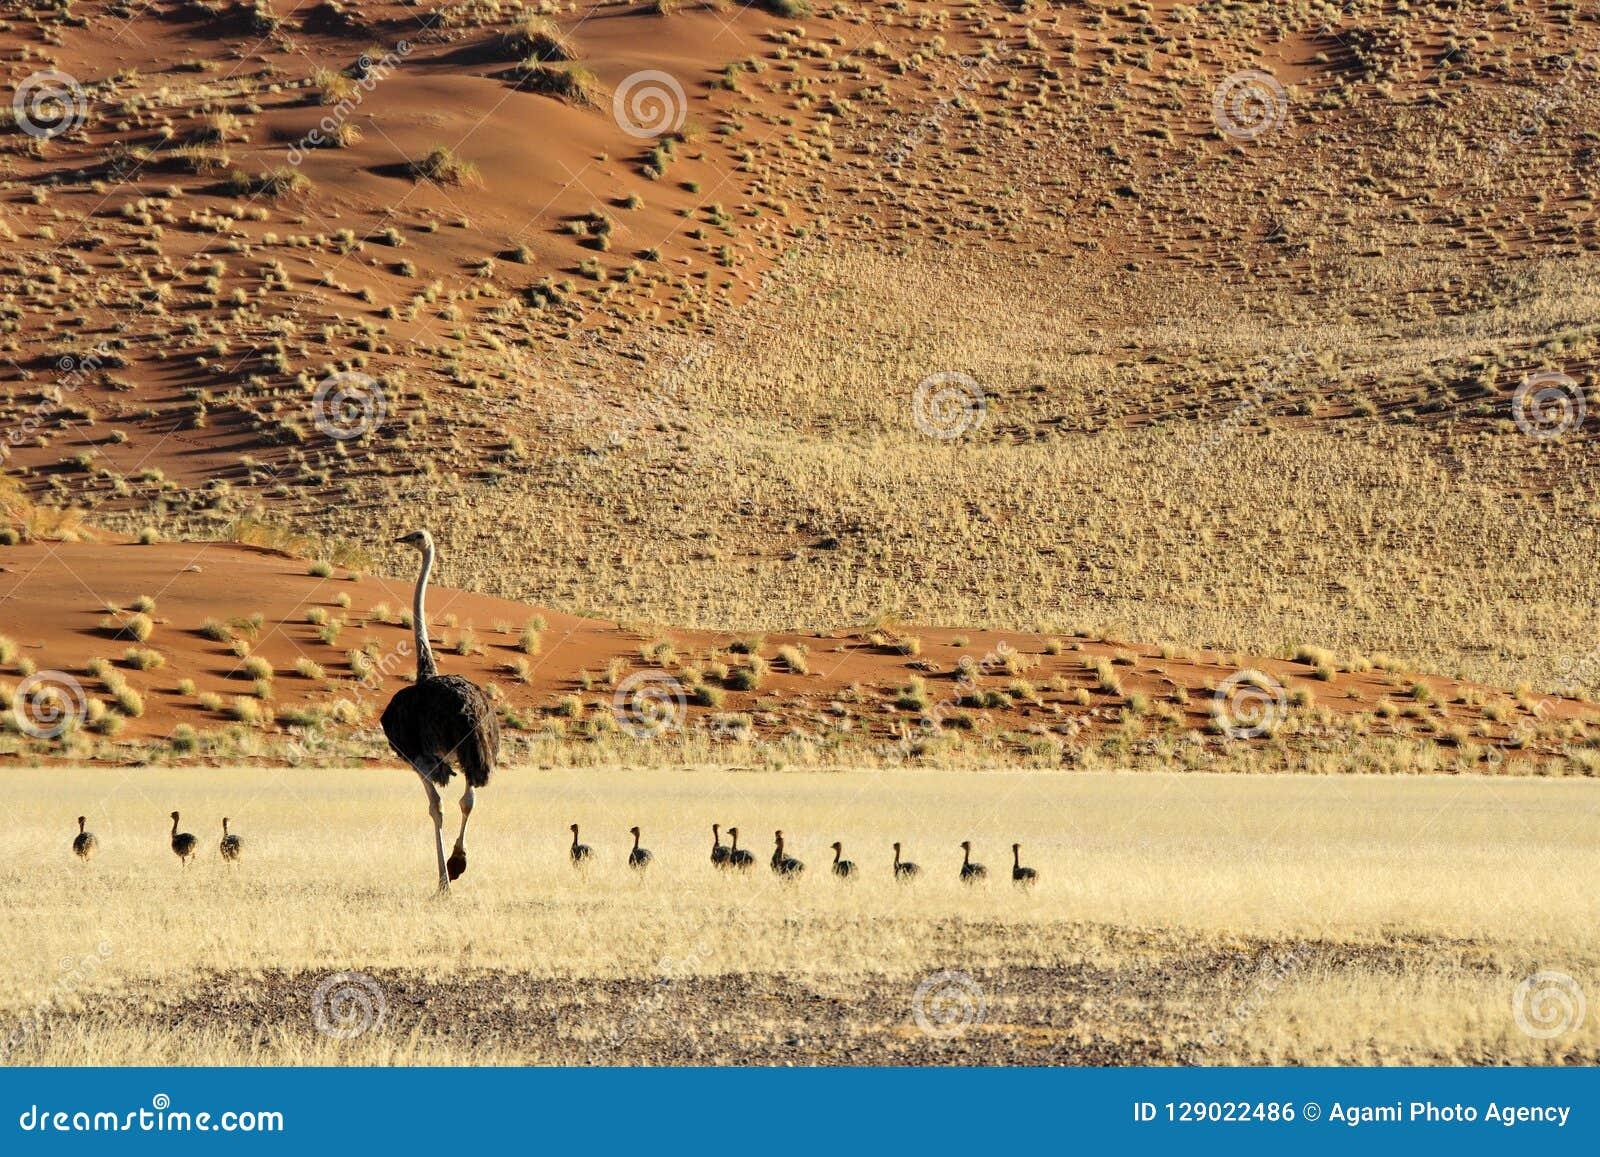 Struisvogel, Struisvogel, Struthio-camelus